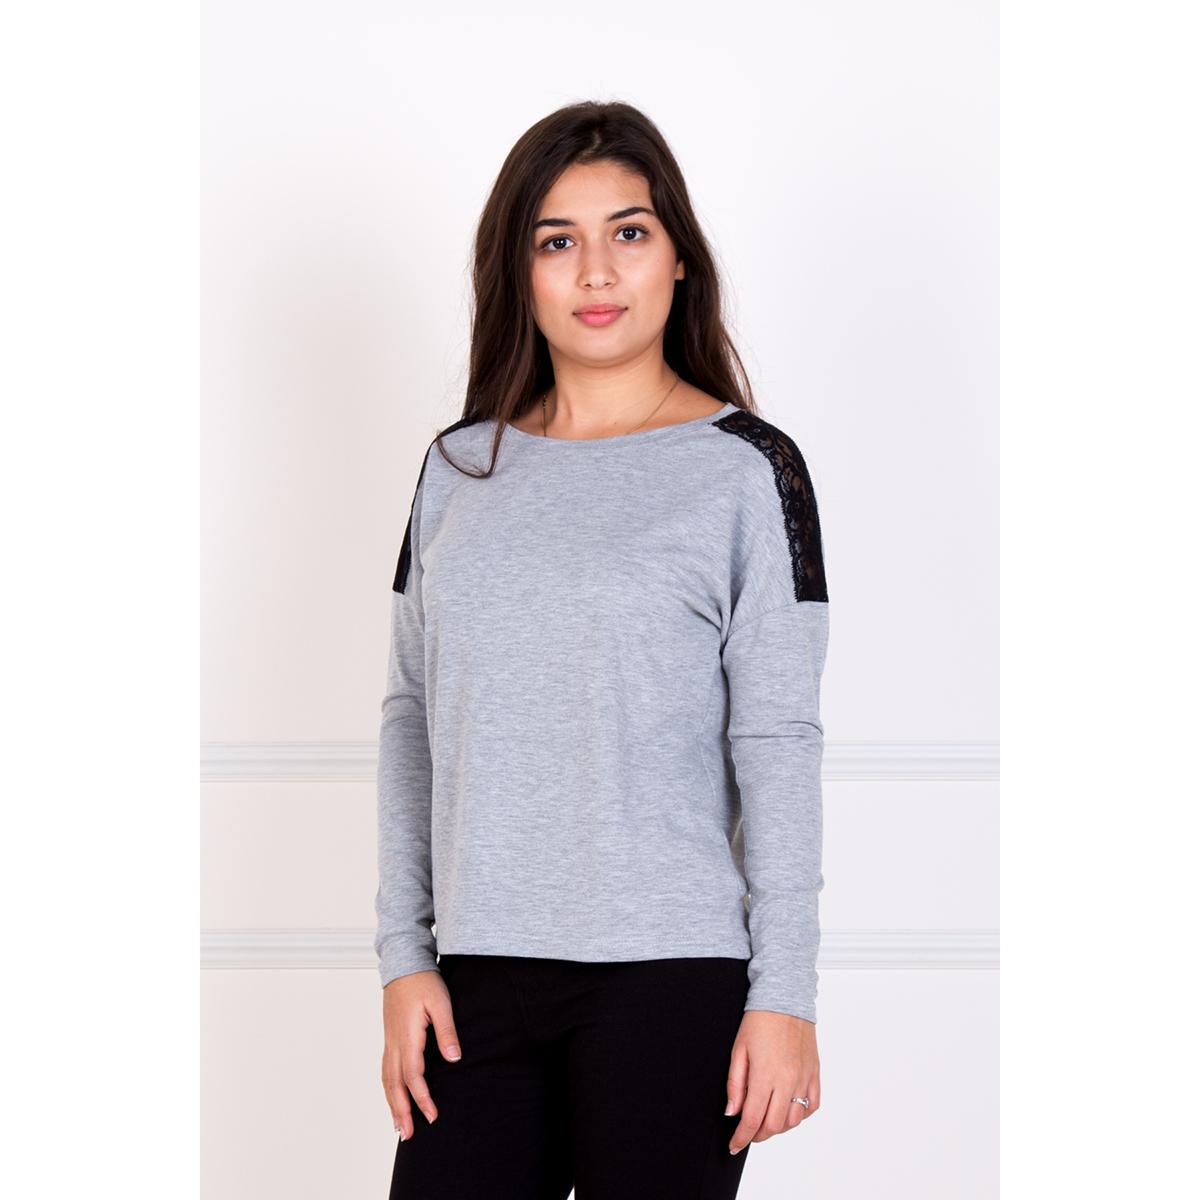 Женская блуза Рива, размер 54Блузки, майки, кофты<br>Обхват груди:108 см<br>Обхват талии:88 см<br>Обхват бедер:116 см<br>Рост:167 см<br><br>Тип: Жен. блуза<br>Размер: 54<br>Материал: Хамур